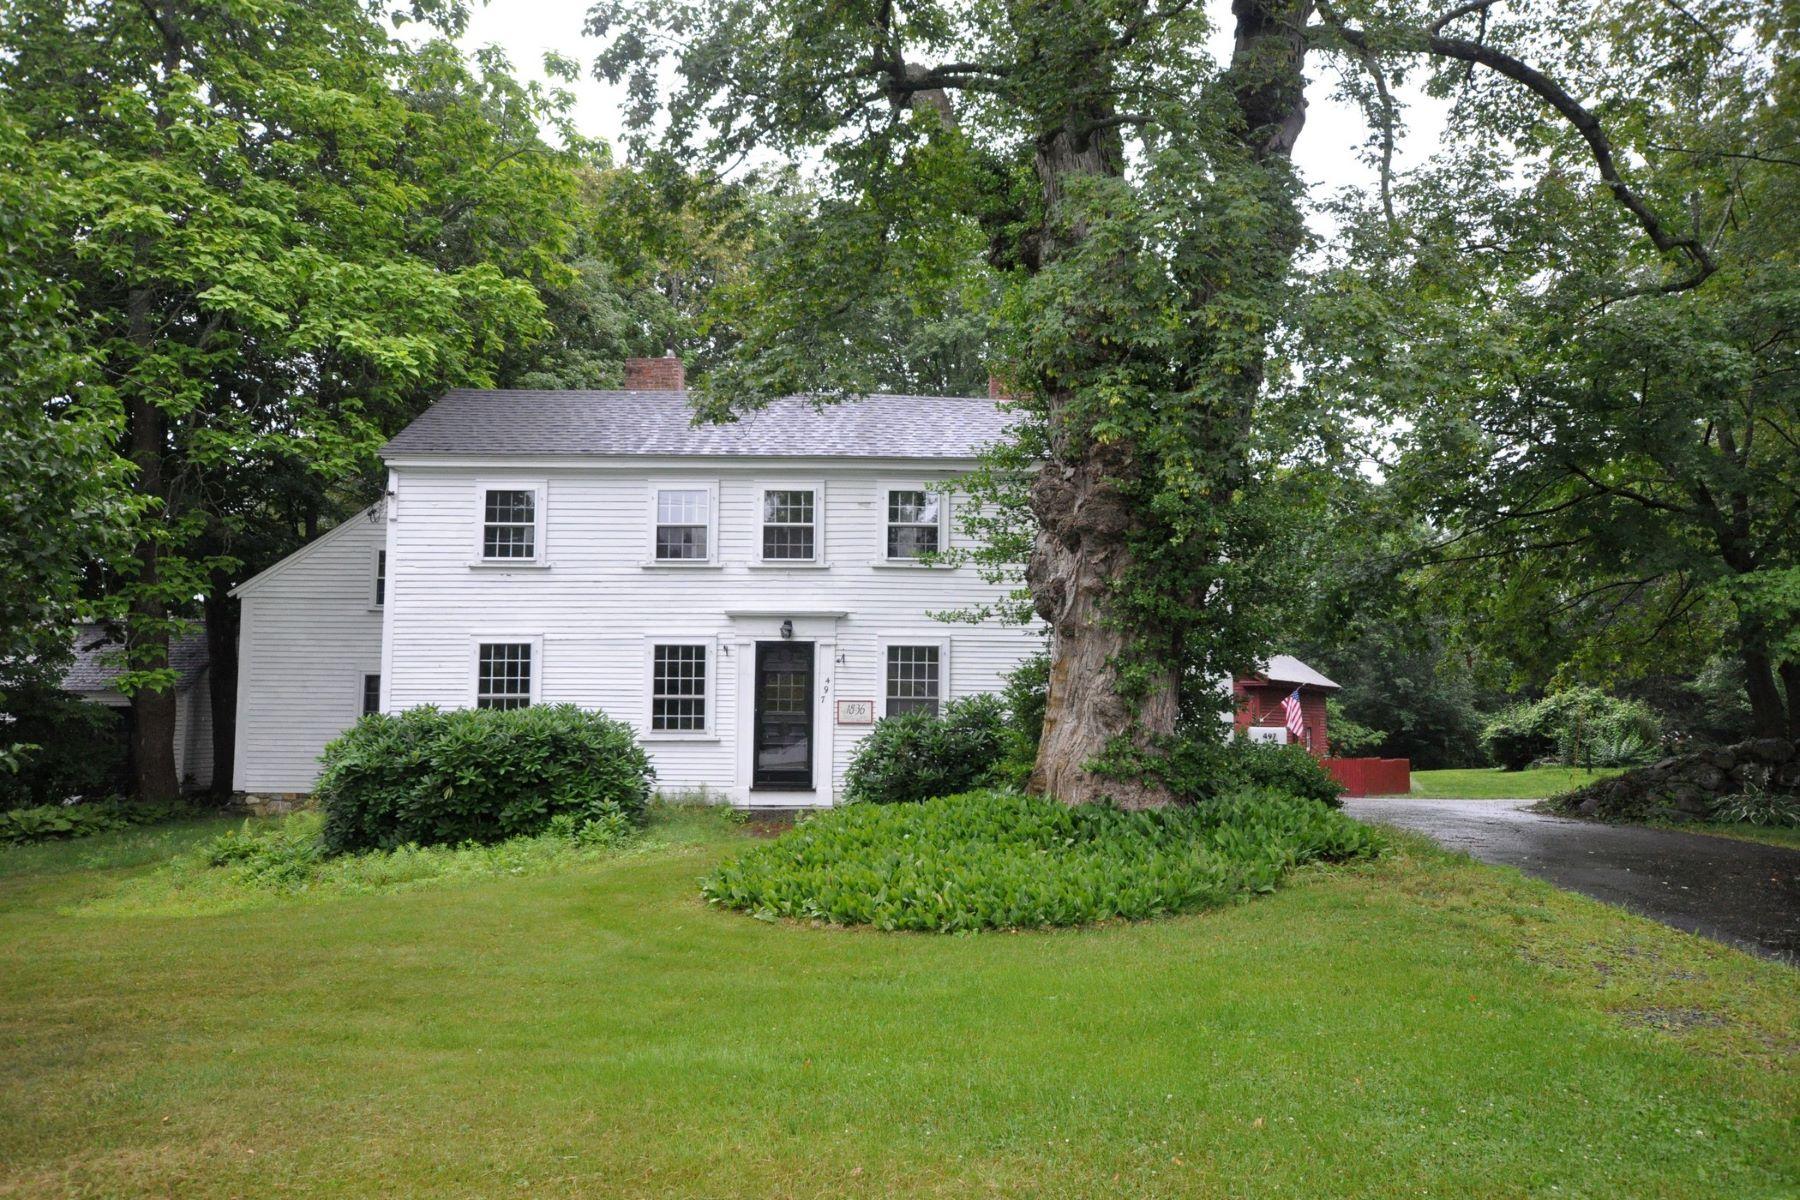 단독 가정 주택 용 매매 에 Historic Acton Center Colonial 497 Main Street Acton, 매사추세츠, 01720 미국